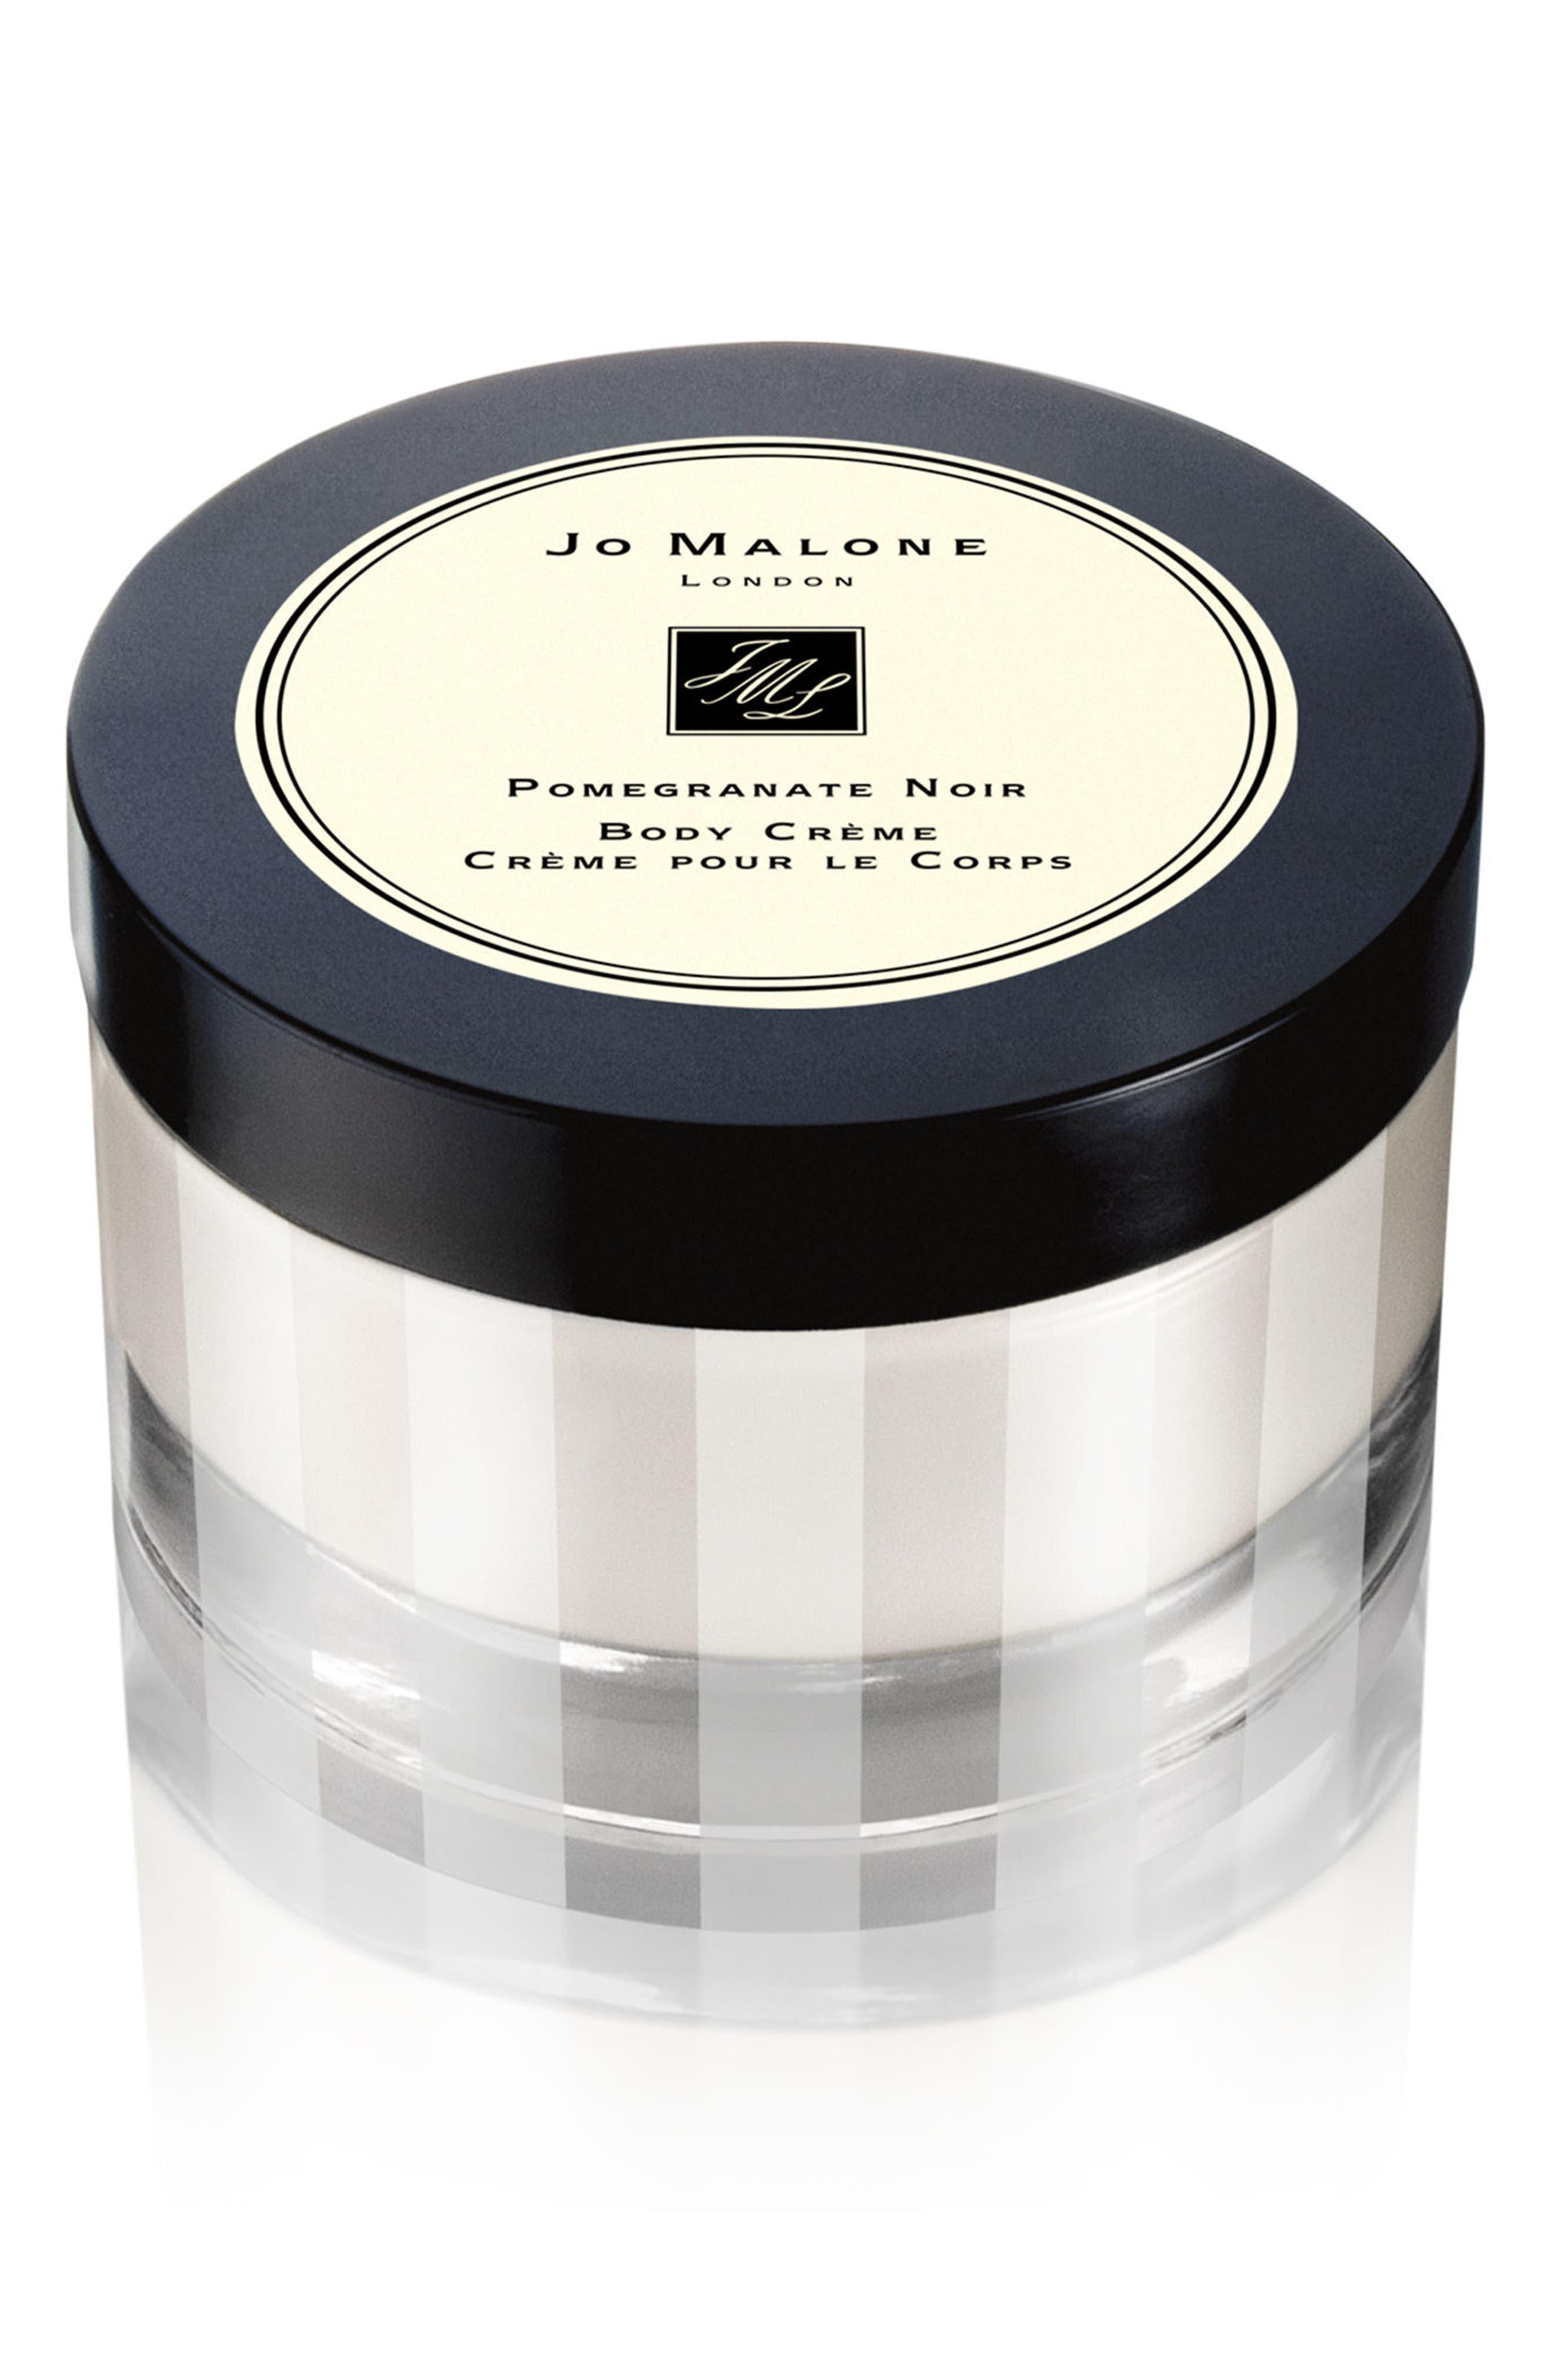 Jo Malone London™ Pomegranate Noir Body Crème